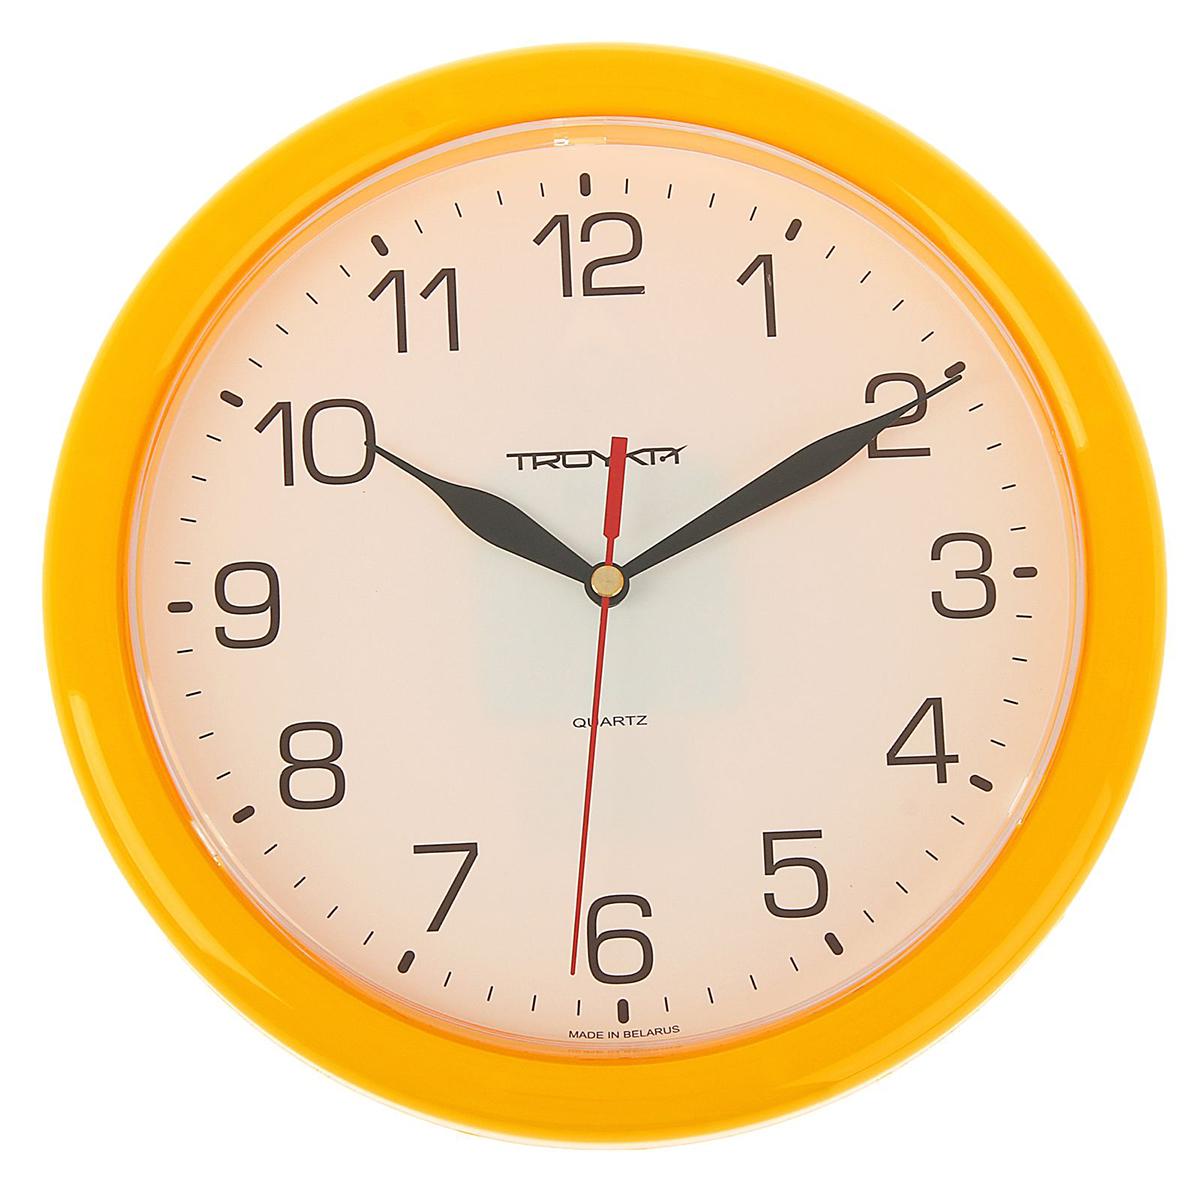 Часы настенные Тройка Желтая классика, диаметр 24,5 см1180149Часы настенные круглые Солнечный круг, d=24,5 см, рама желтая — сувенир в полном смысле этого слова. И главная его задача — хранить воспоминание о месте, где вы побывали, или о том человеке, который подарил данный предмет. Преподнесите эту вещь своему другу, и она станет достойным украшением его дома. Каждому хозяину периодически приходит мысль обновить свою квартиру, сделать ремонт, перестановку или кардинально поменять внешний вид каждой комнаты. Часы настенные круглые Солнечный круг, d=24,5 см, рама желтая — привлекательная деталь, которая поможет воплотить вашу интерьерную идею, создать неповторимую атмосферу в вашем доме. Окружите себя приятными мелочами, пусть они радуют глаз и дарят гармонию.Часы настенные круглые Желтая классика, желтое кольцо 24,5 см 1180149